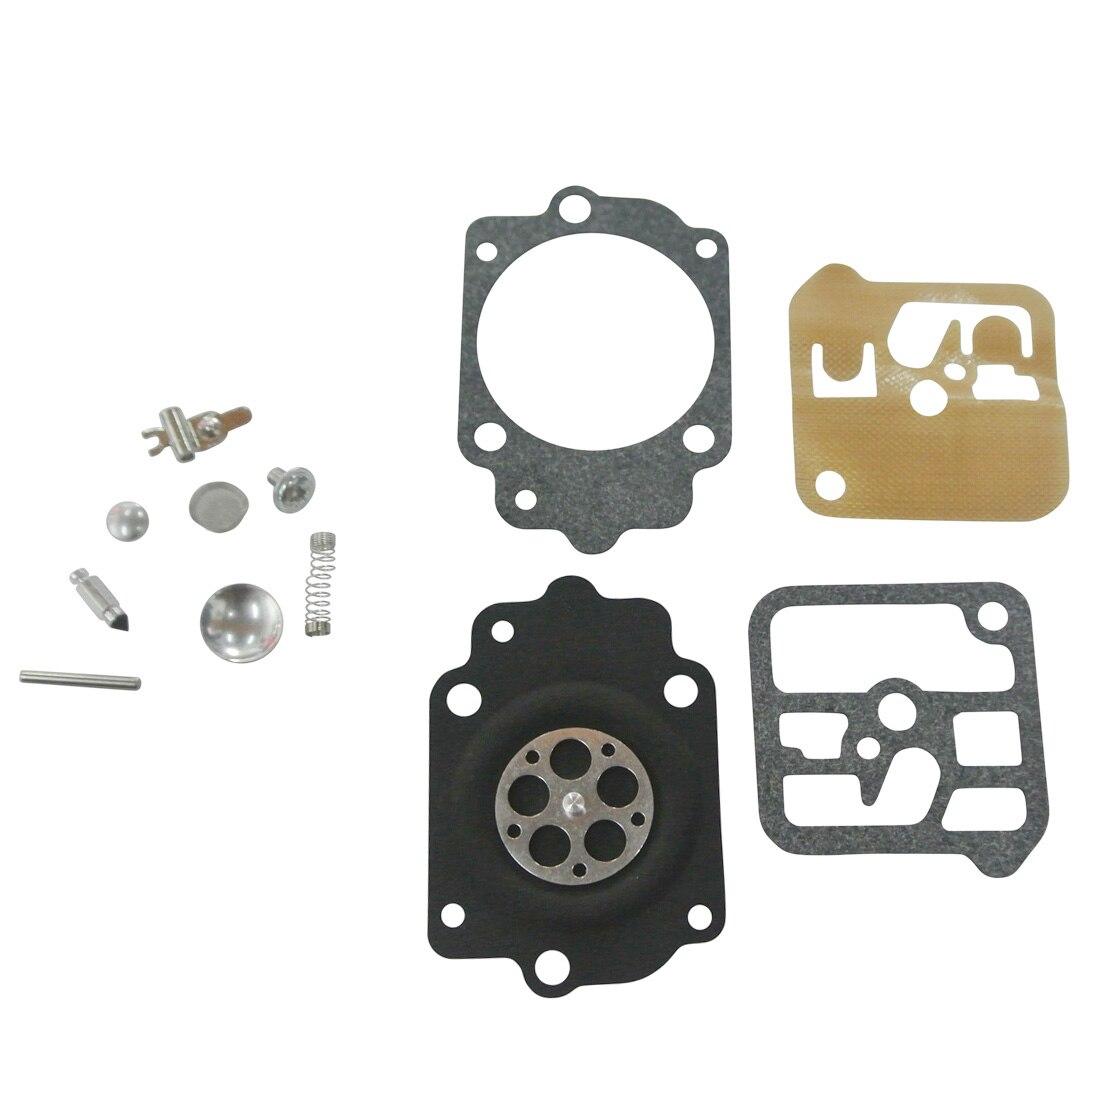 Carburetor Repair Diaphragm Gasket 4 Tillotson RK-1HE Fit Andreas Stihl 038AVMEQ